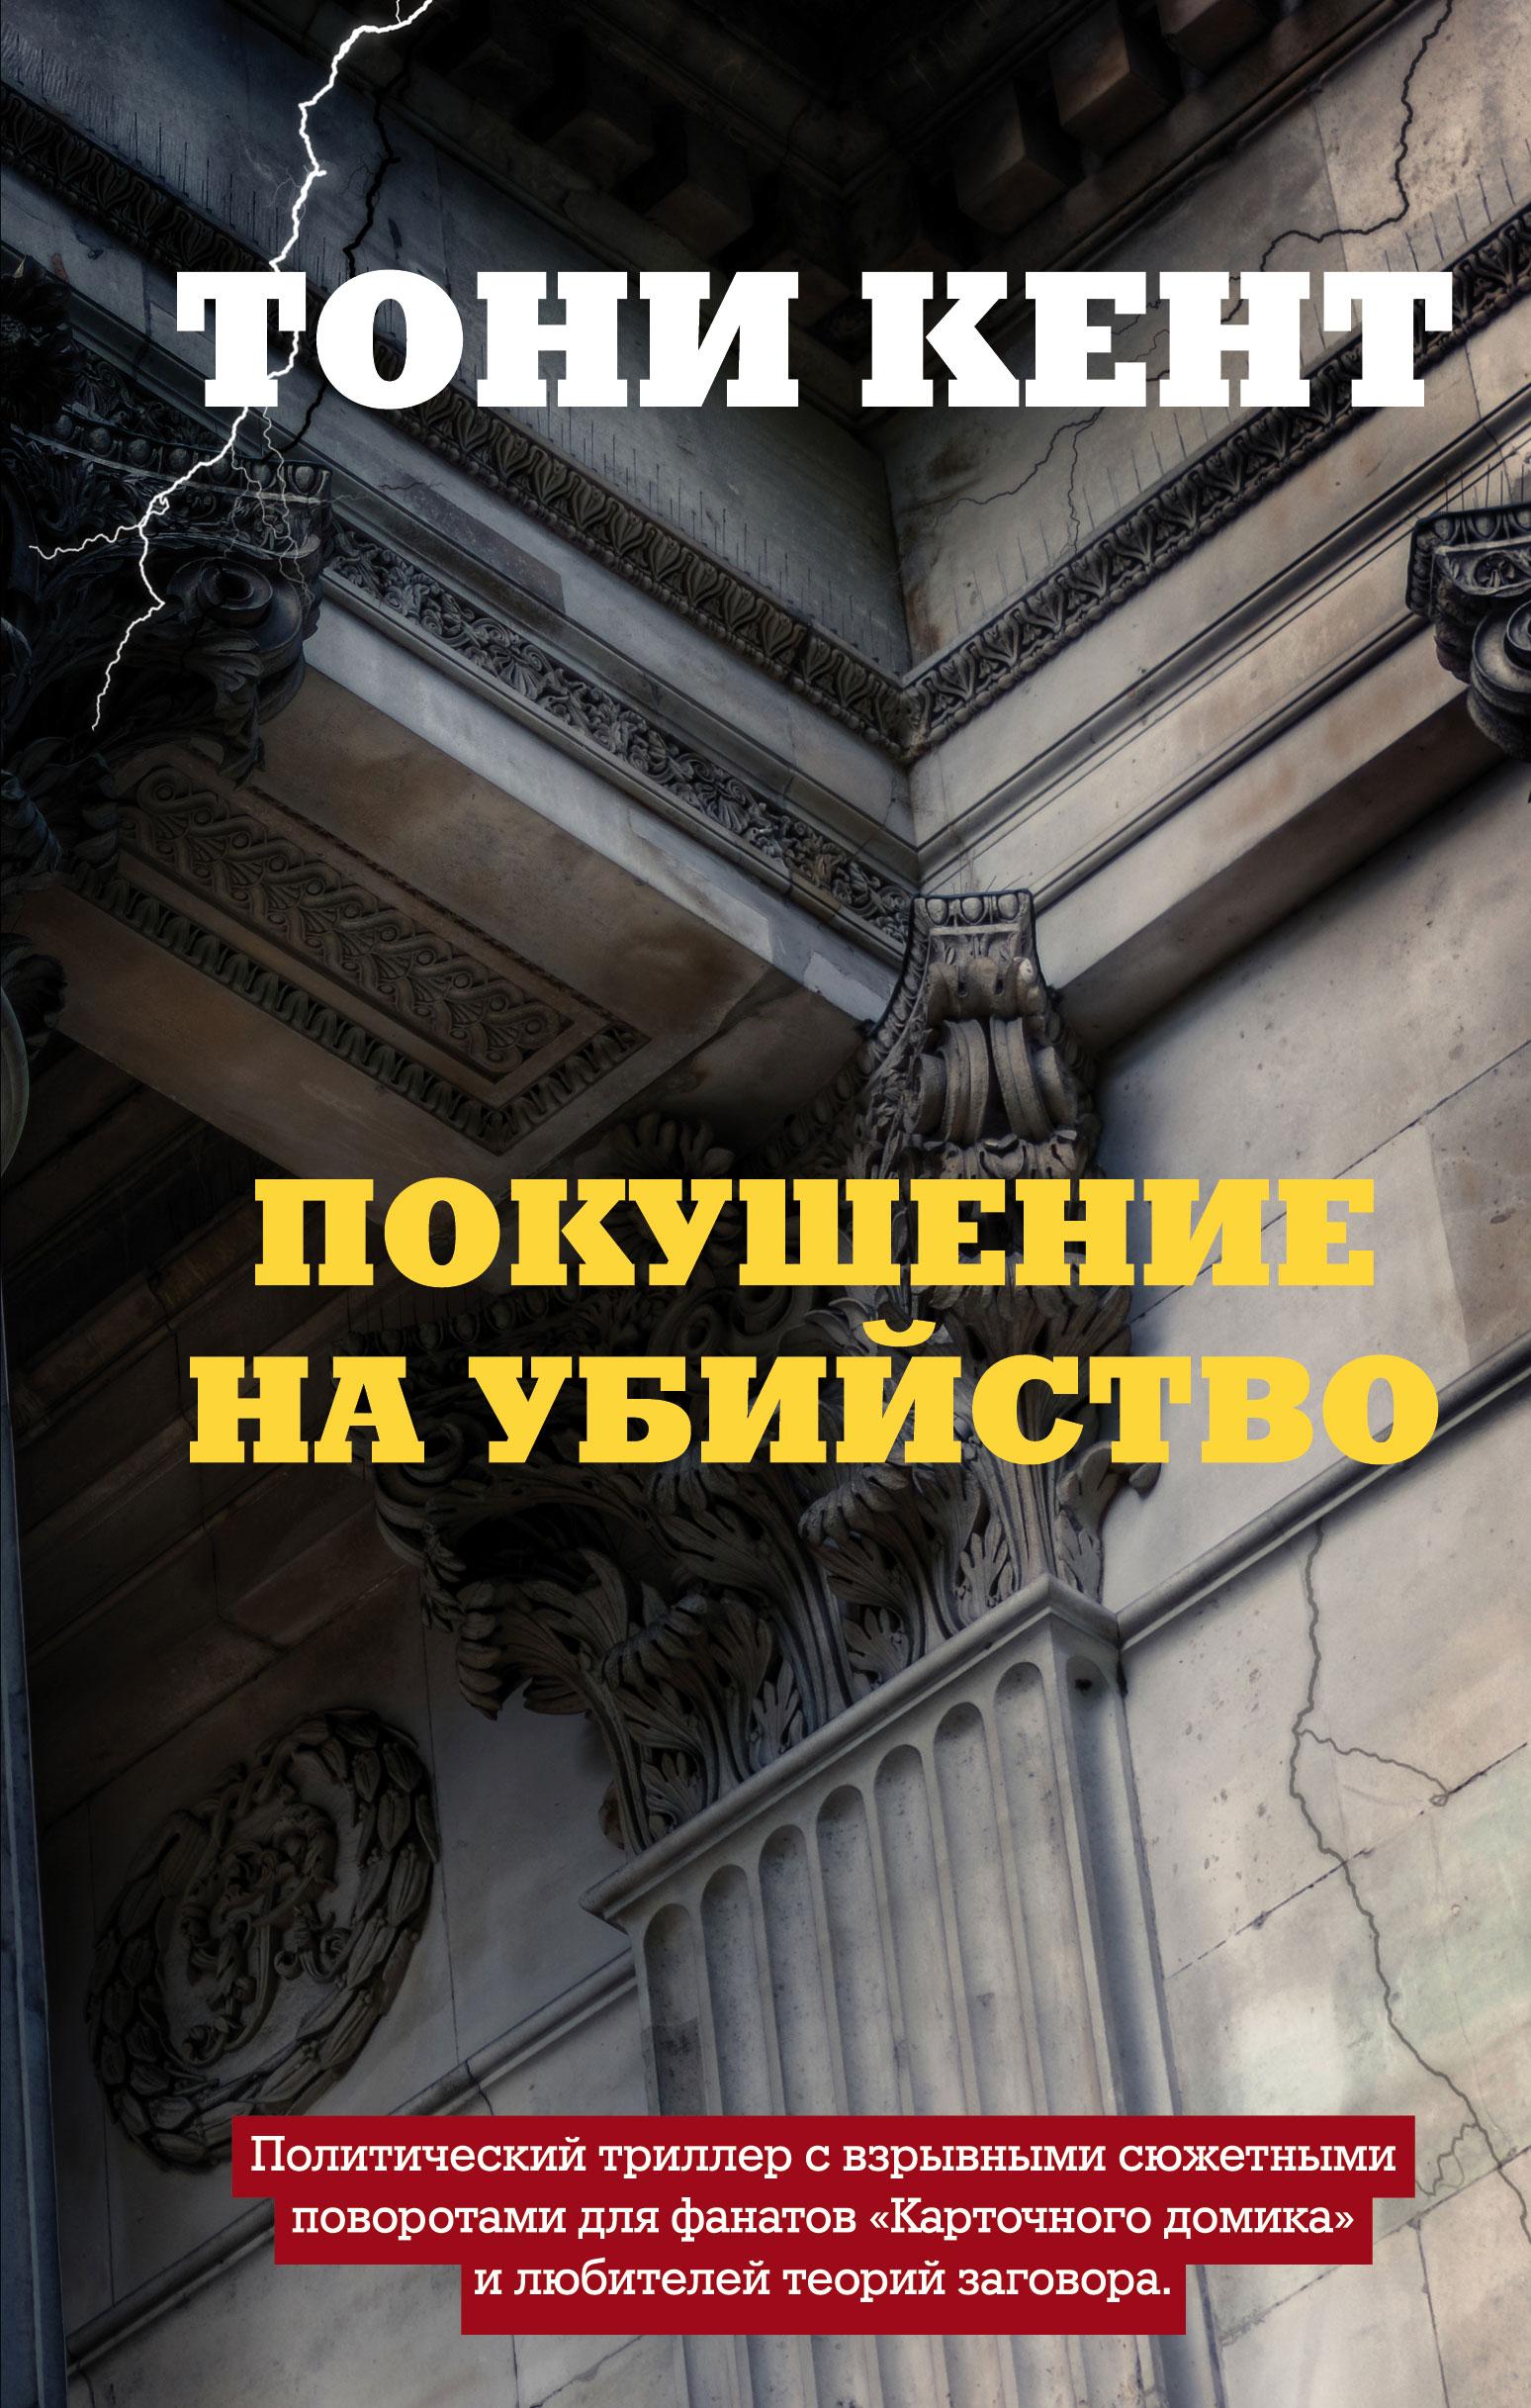 Купить книгу Покушение на убийство, автора Тони Кента